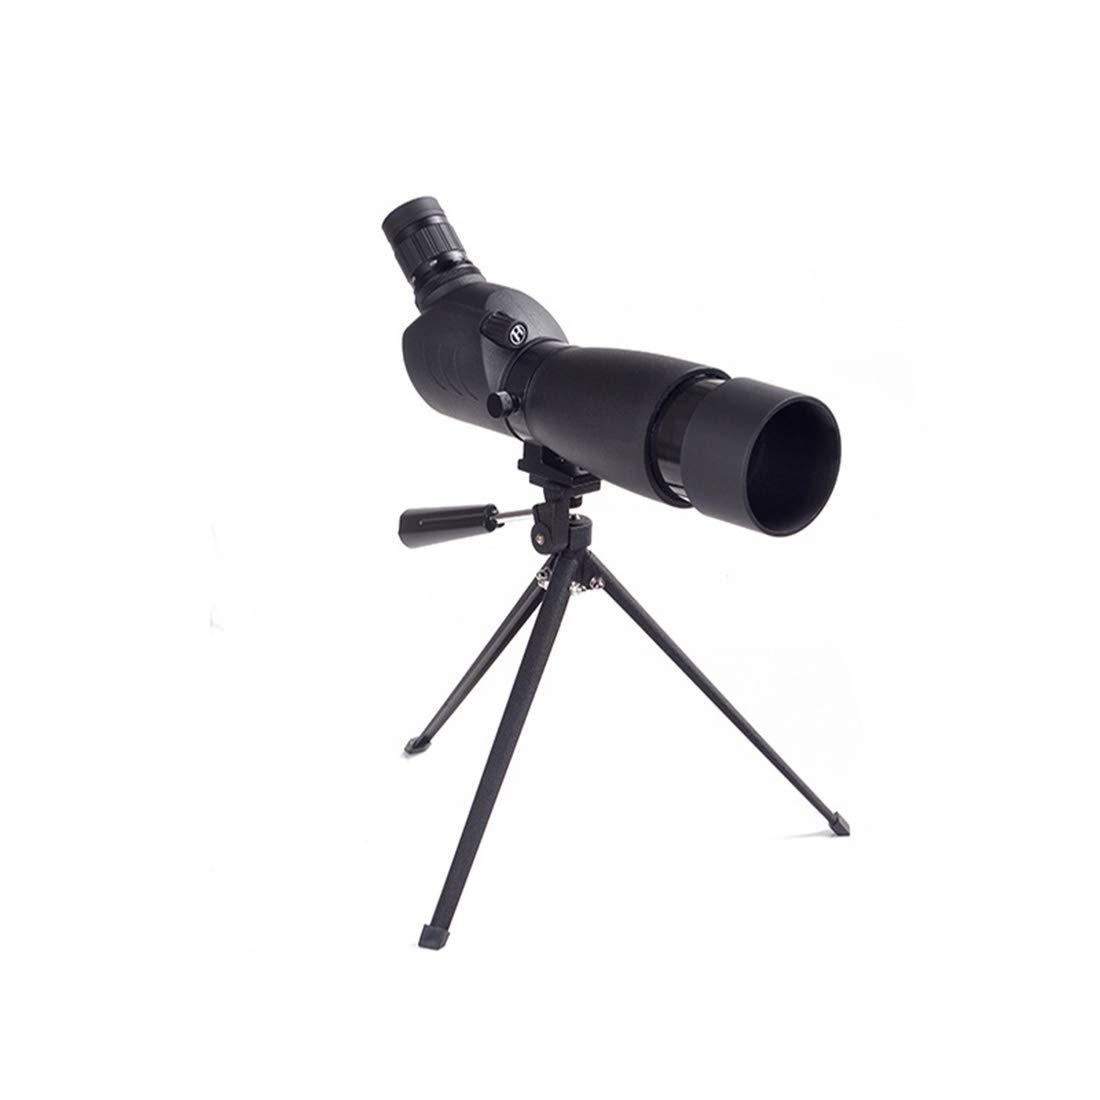 激安直営店 JPAKIOS 屋外用の単眼望遠鏡ズーム低輝度ナイトビジョンポータブルバードミラー (Color : ブラック) : ブラック) ブラック JPAKIOS B07PLQJRG6, 彩雲堂:fb775a89 --- vanhavertotgracht.nl